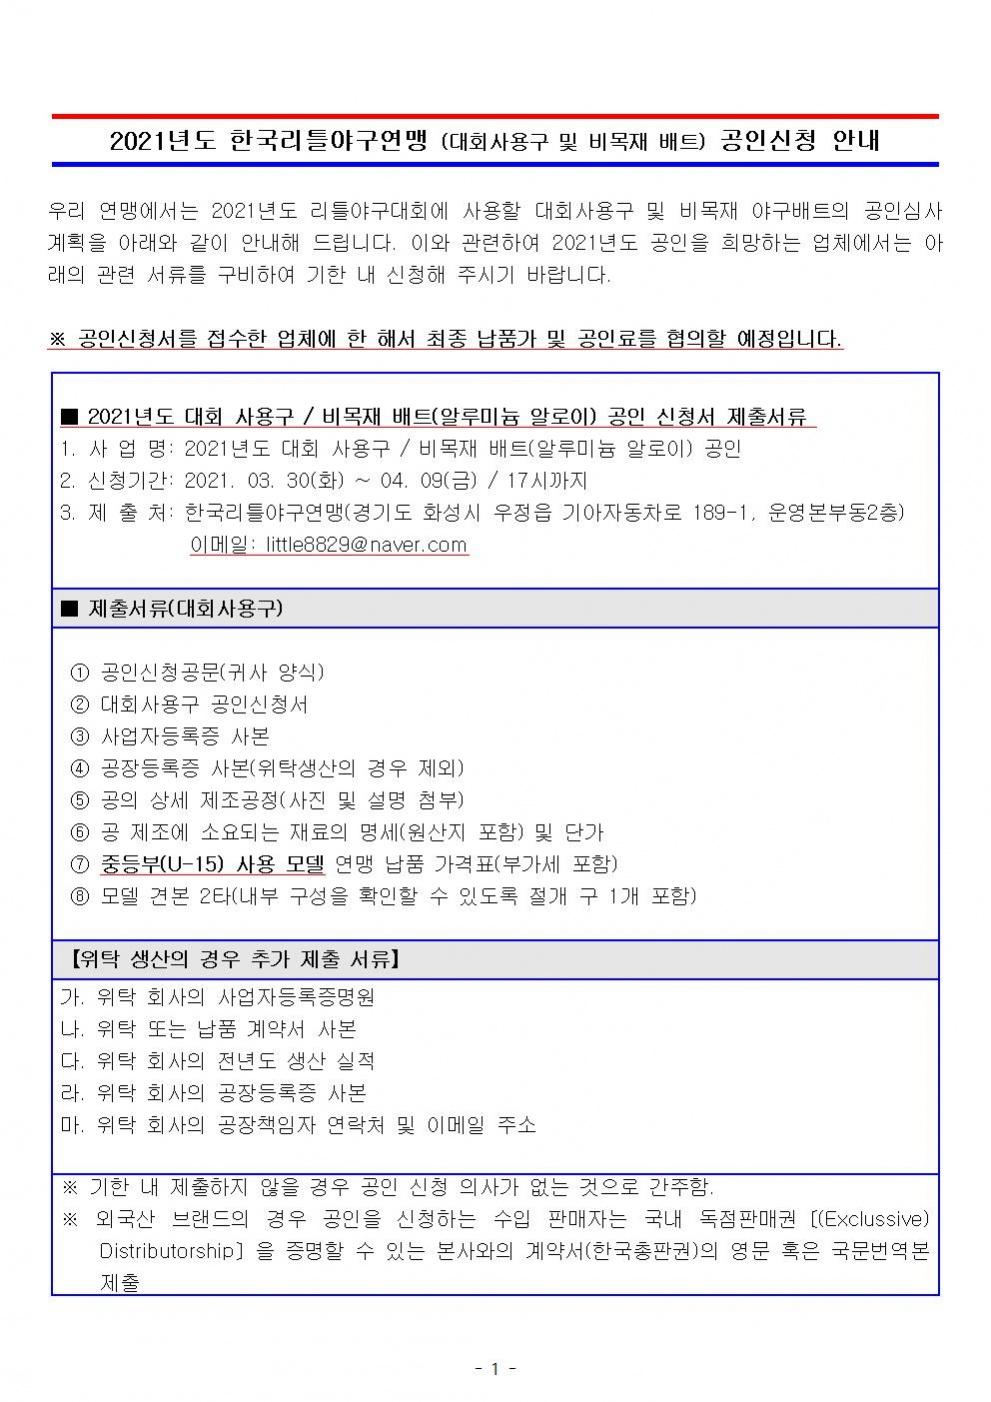 2021년도 한국리틀야구연맹 (공, 배트)공인신청안내(공고문)001.jpg